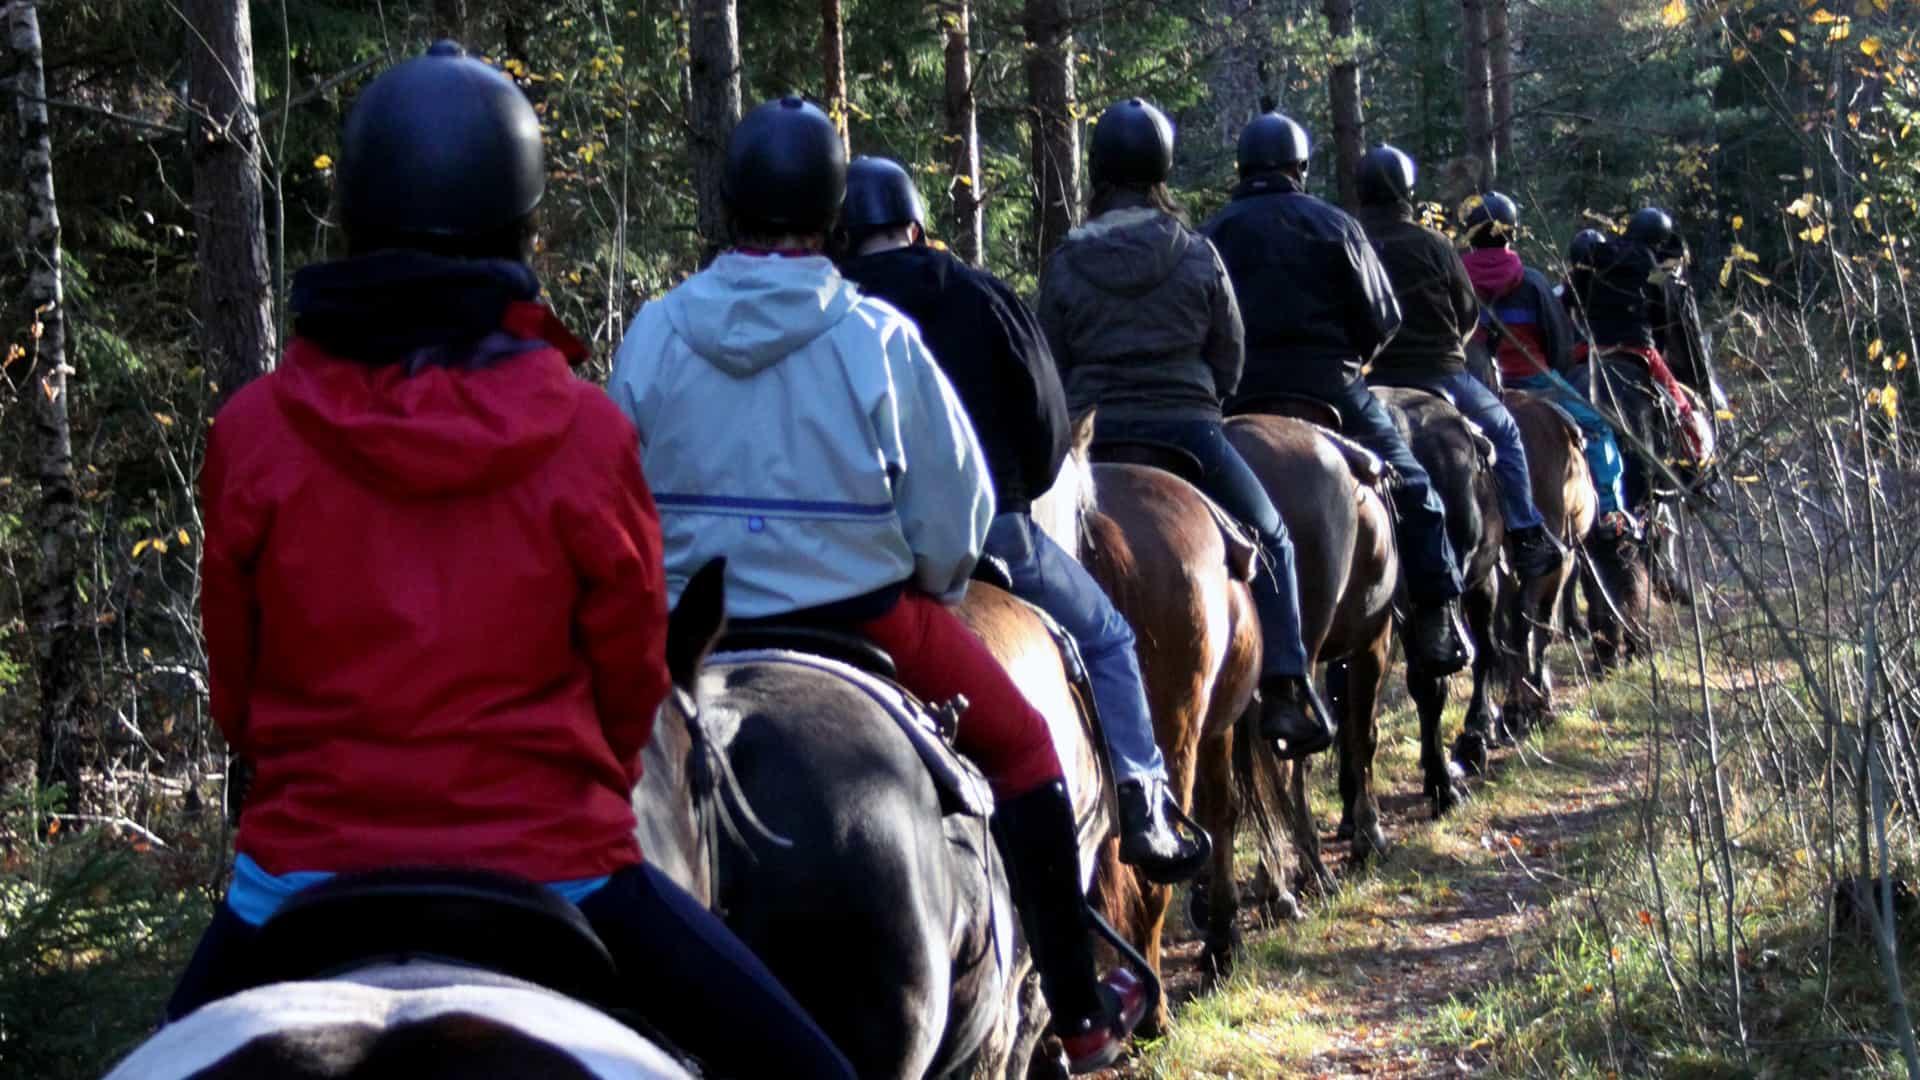 Många personer rider in i skogen, på ett led.